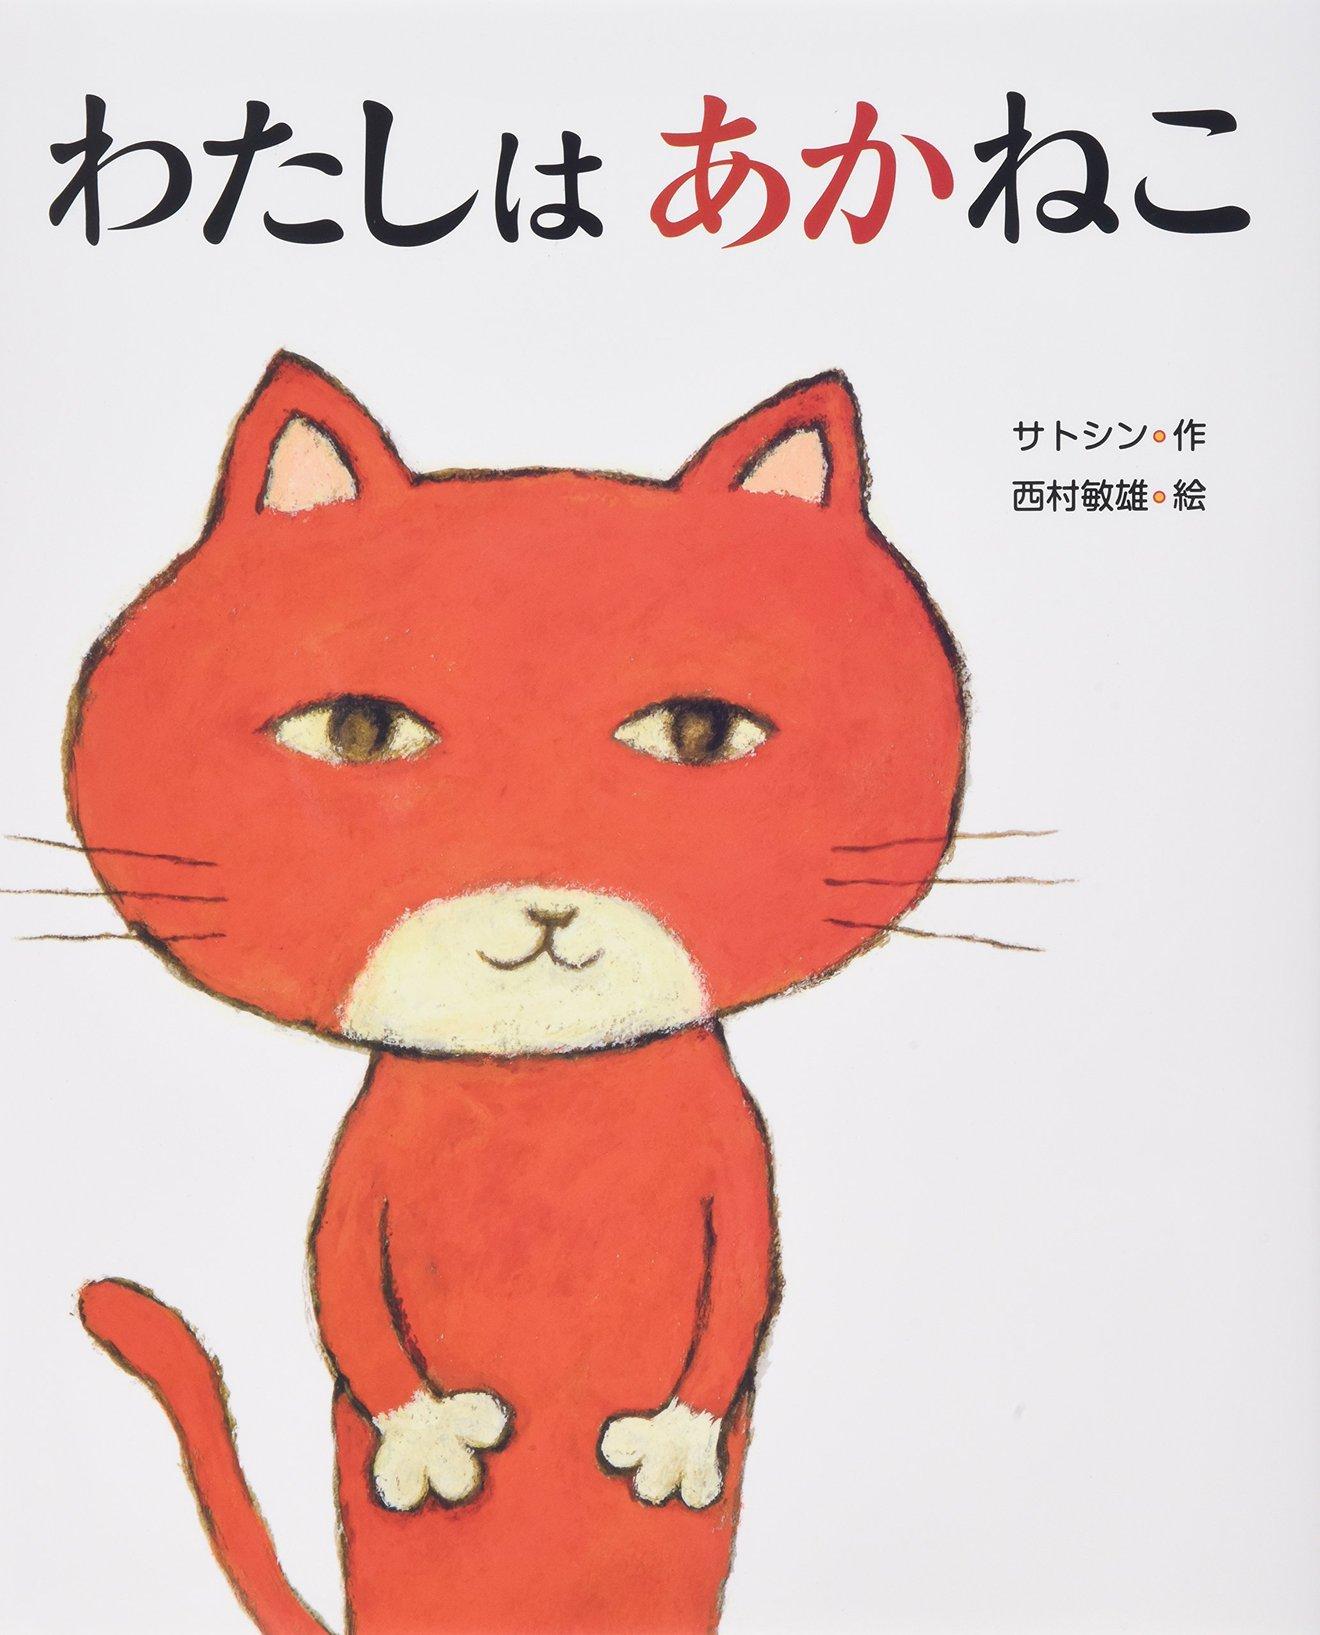 サトシンのおすすめ絵本5選!『うんこ!』で数々の賞を受賞